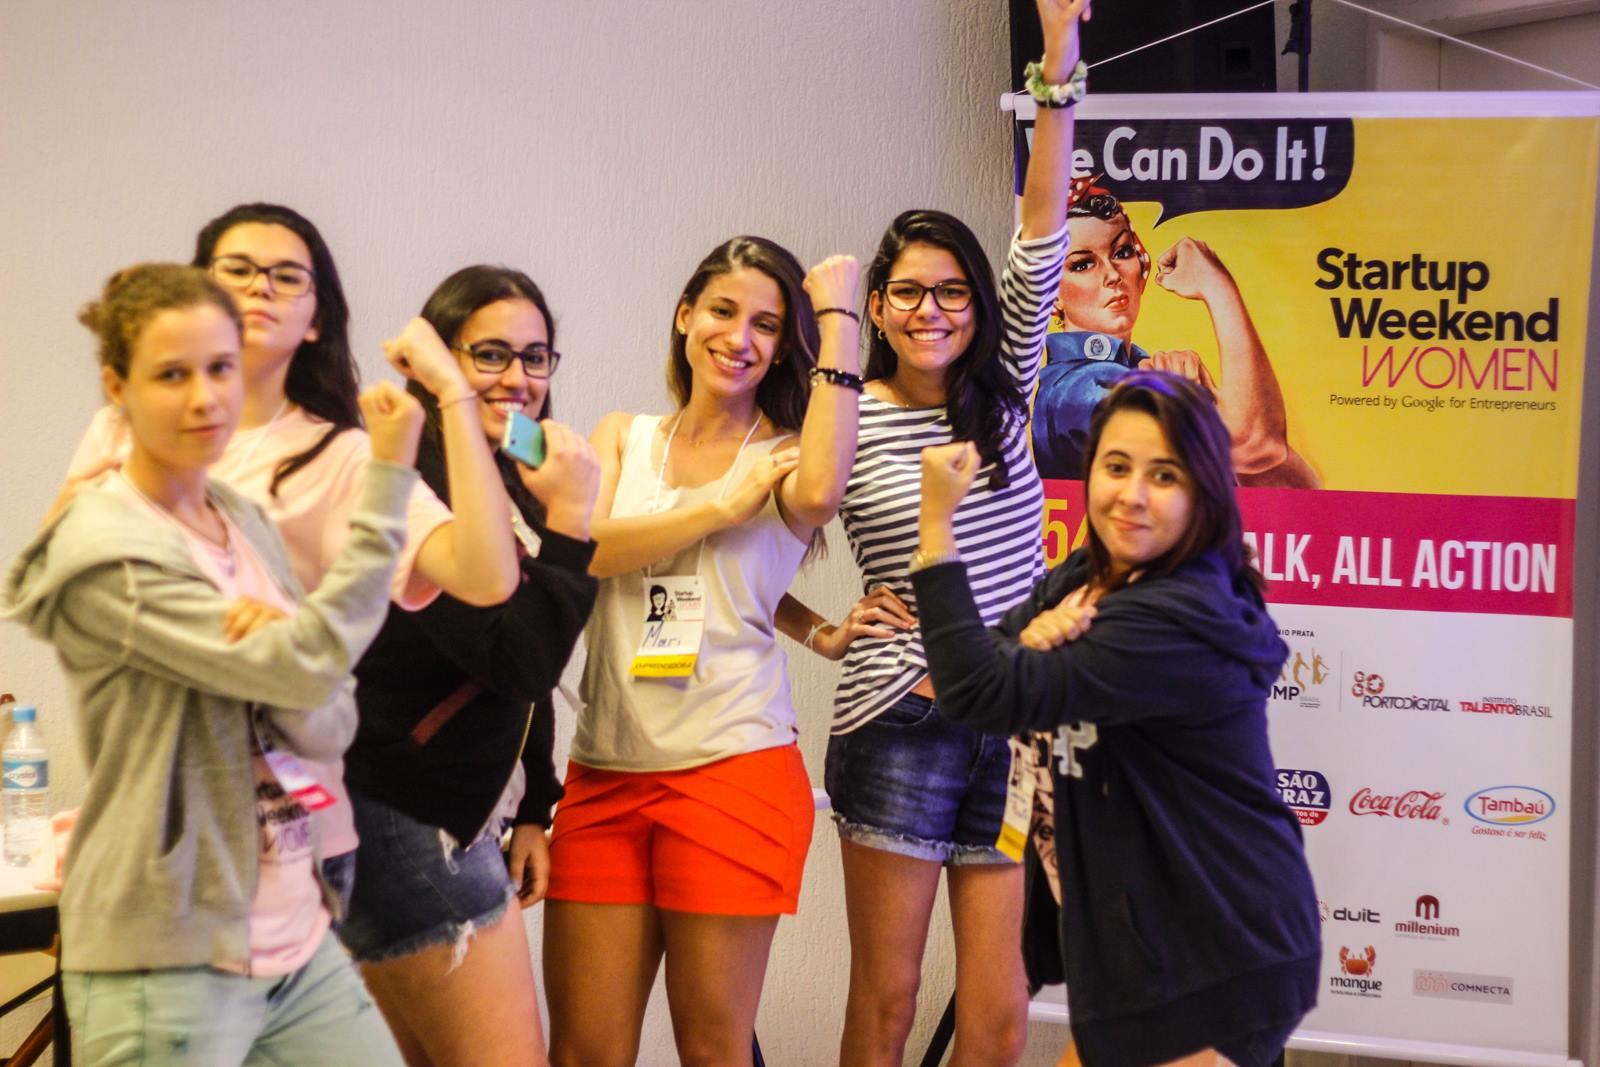 Goiânia recebe evento com foco em empreendedorismo feminino